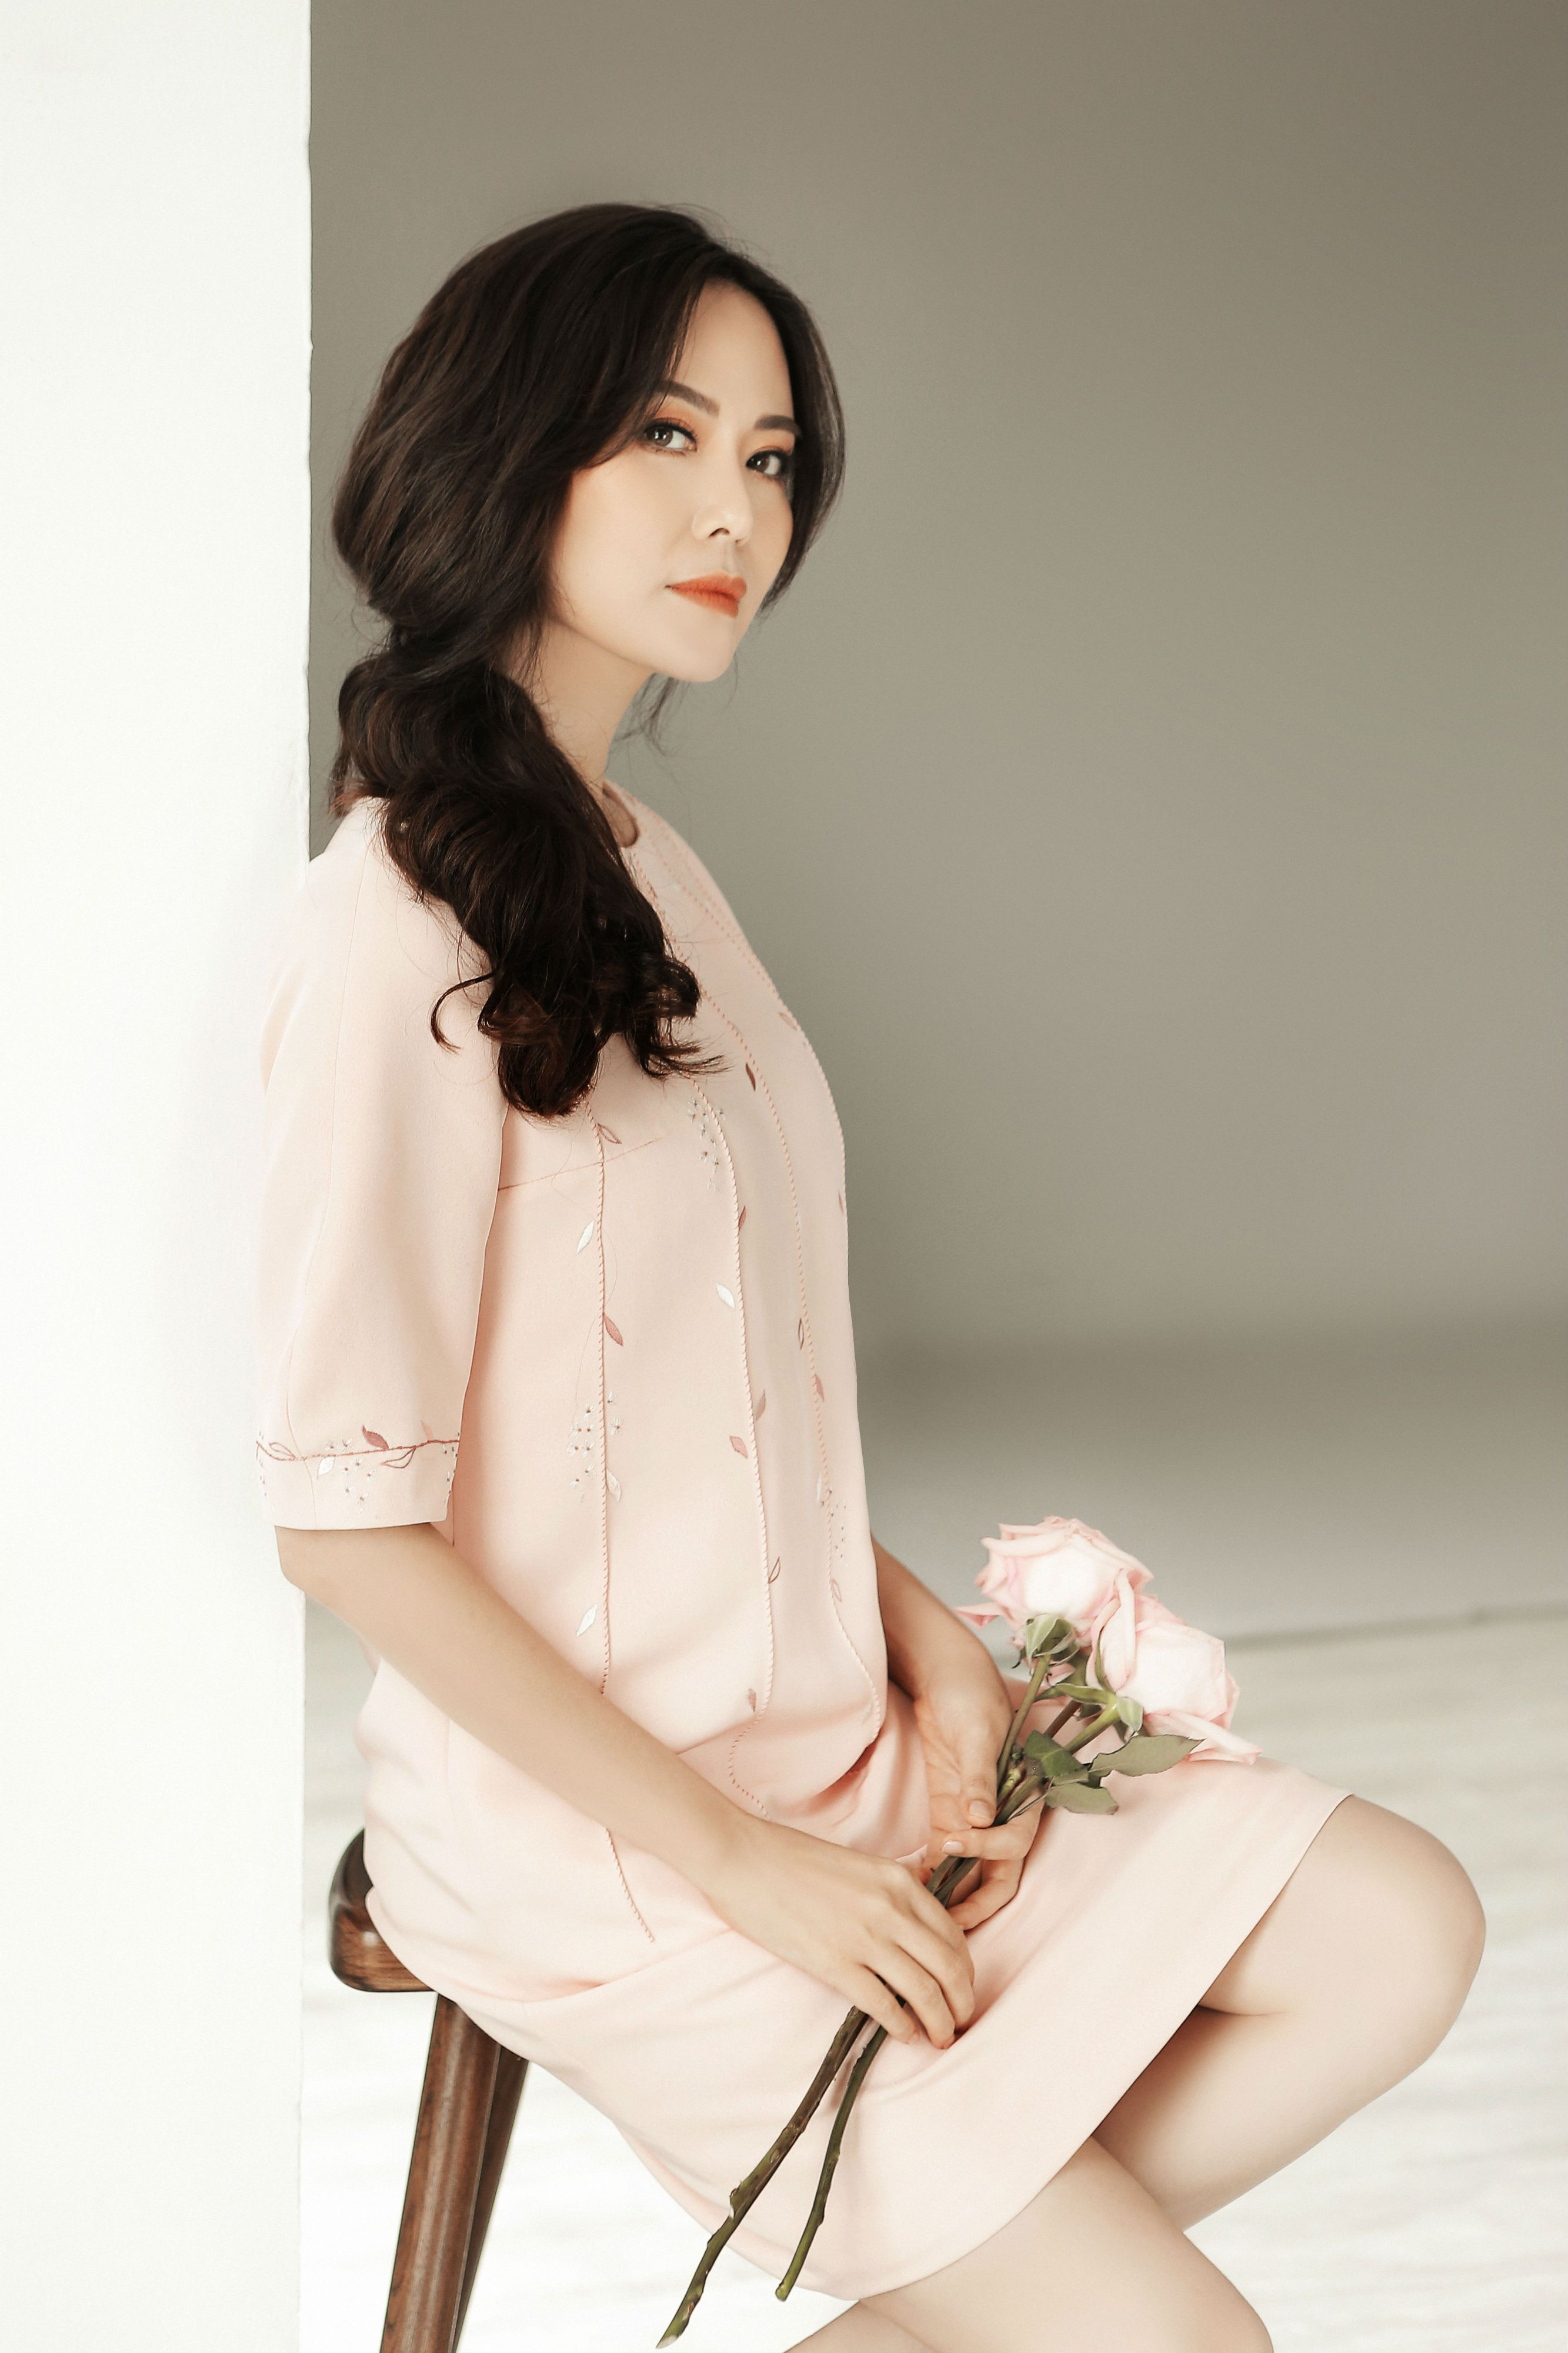 Hoa hậu Thu Thủy tiết lộ bí quyết trẻ đẹp ở tuổi 43 Ảnh 2